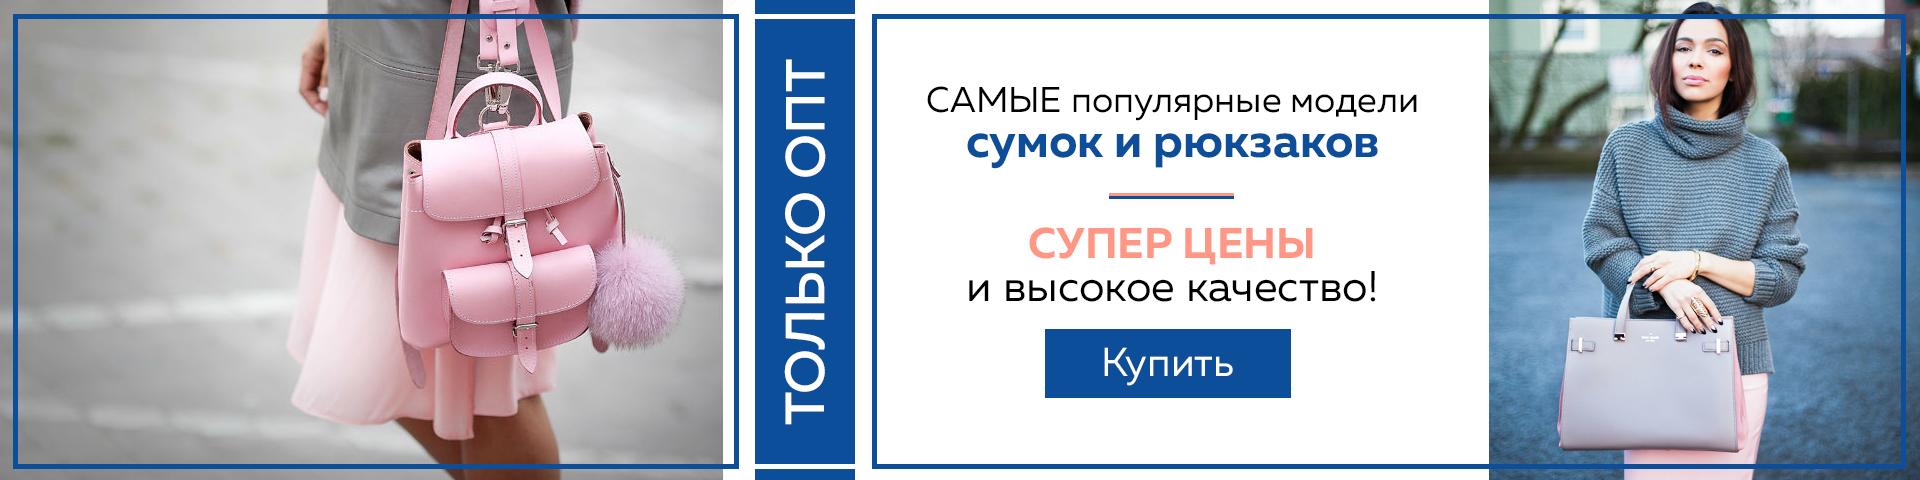 купить сумки оптом от производителя в Интернет - магазине Optomarket| Одесса 7 км |